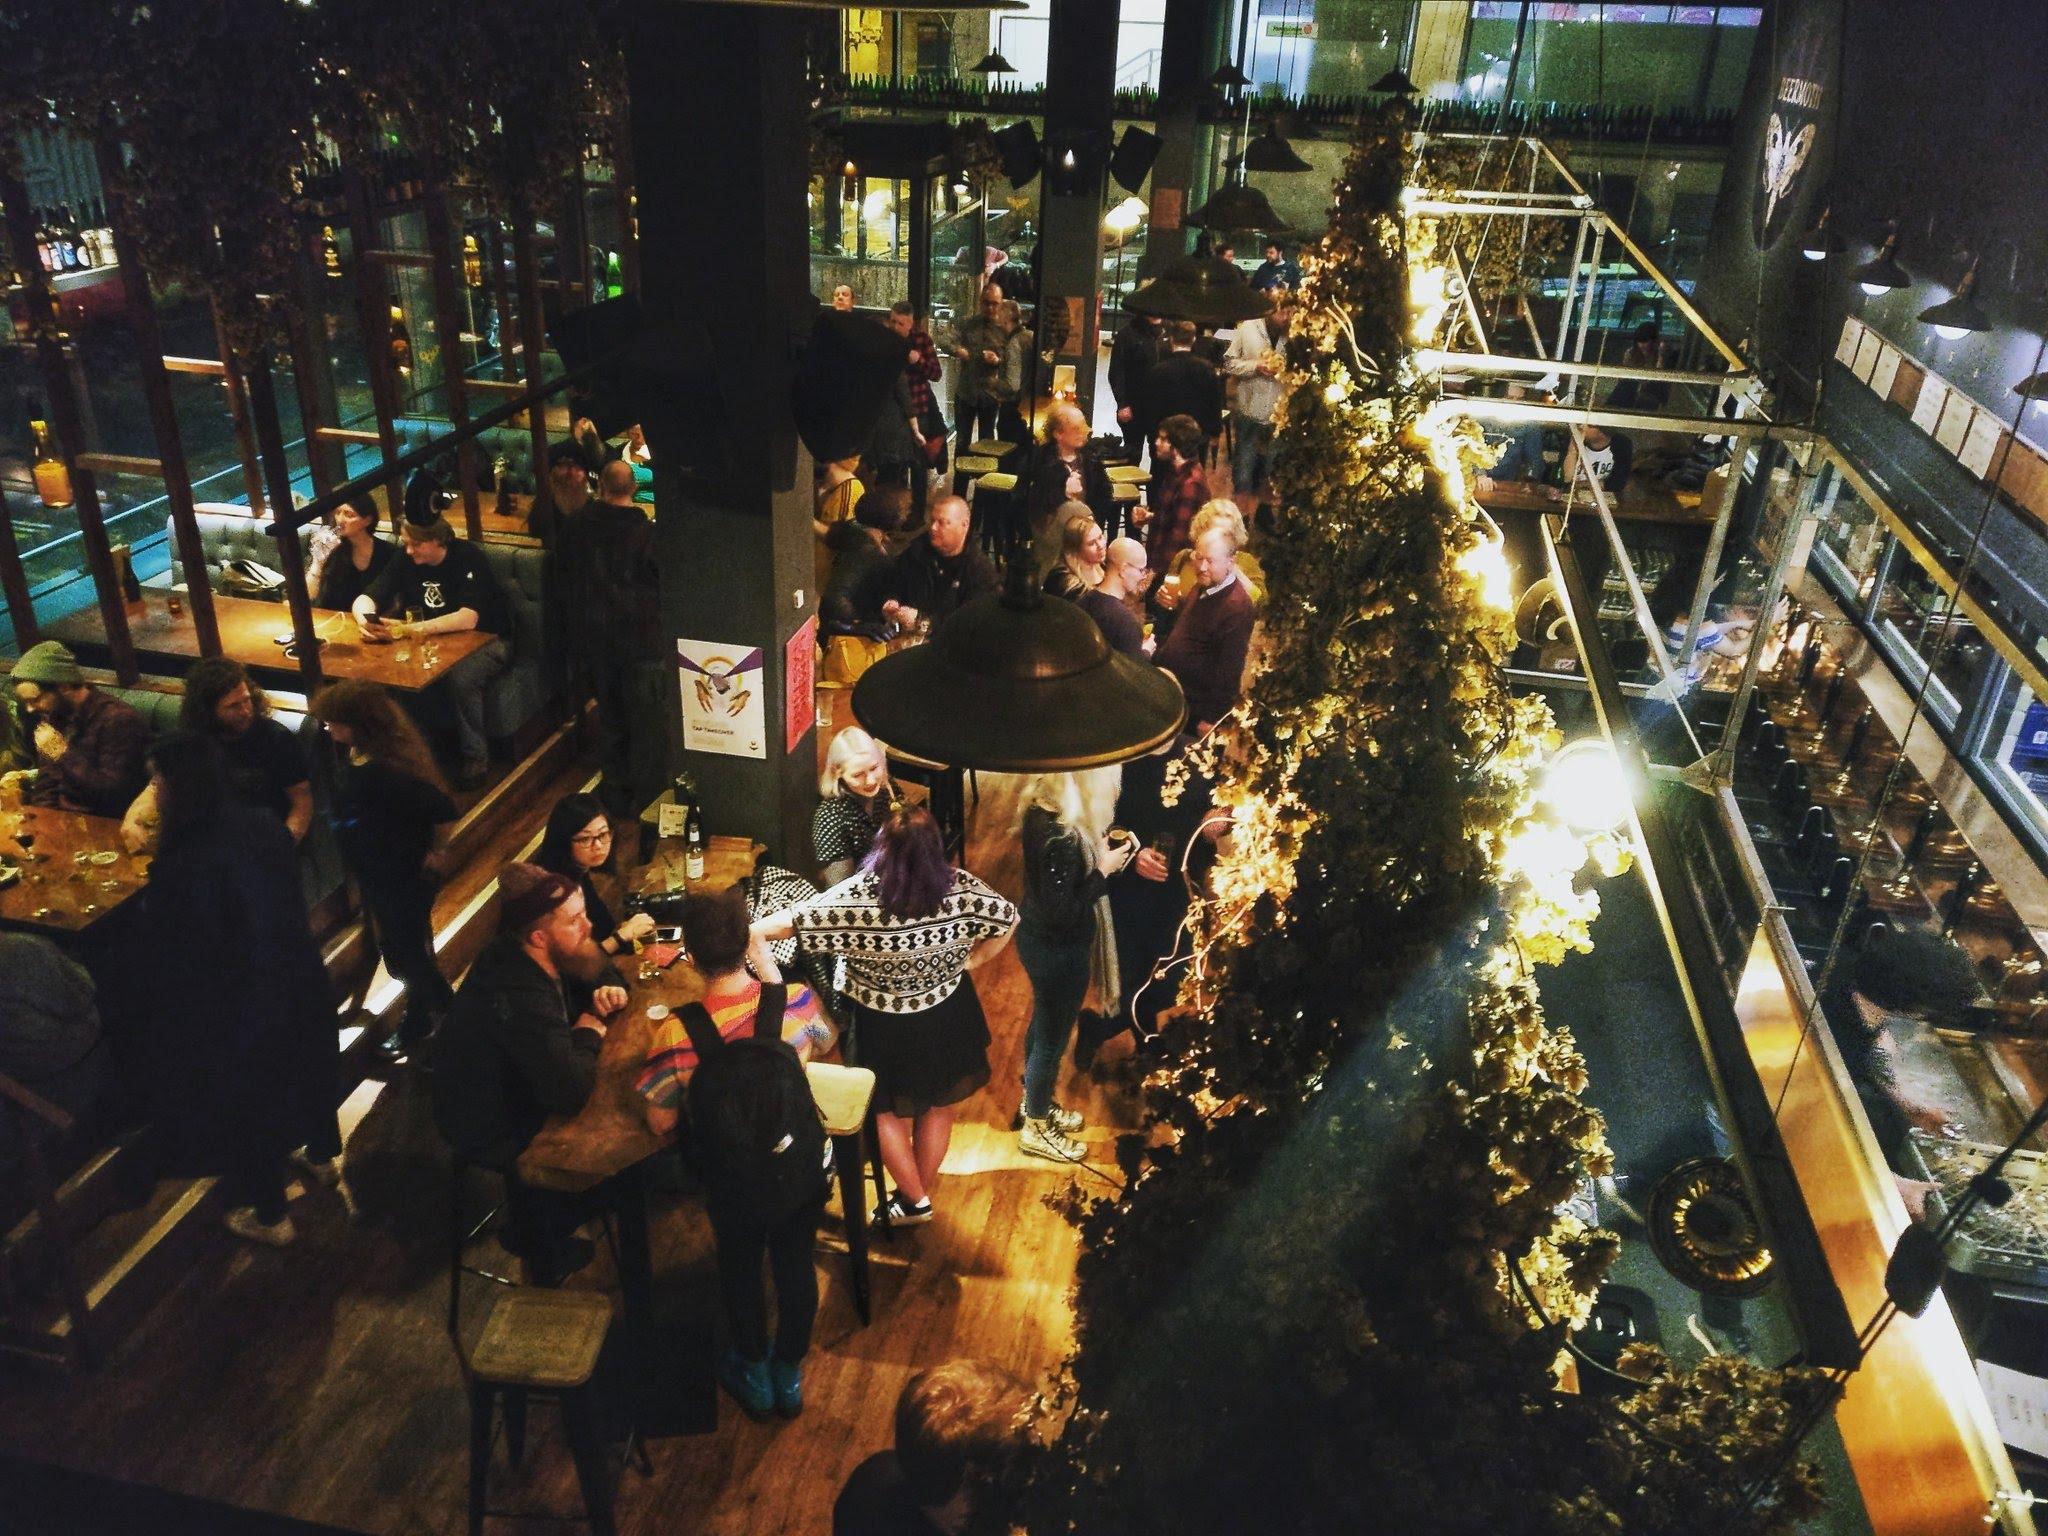 Café Beermoth